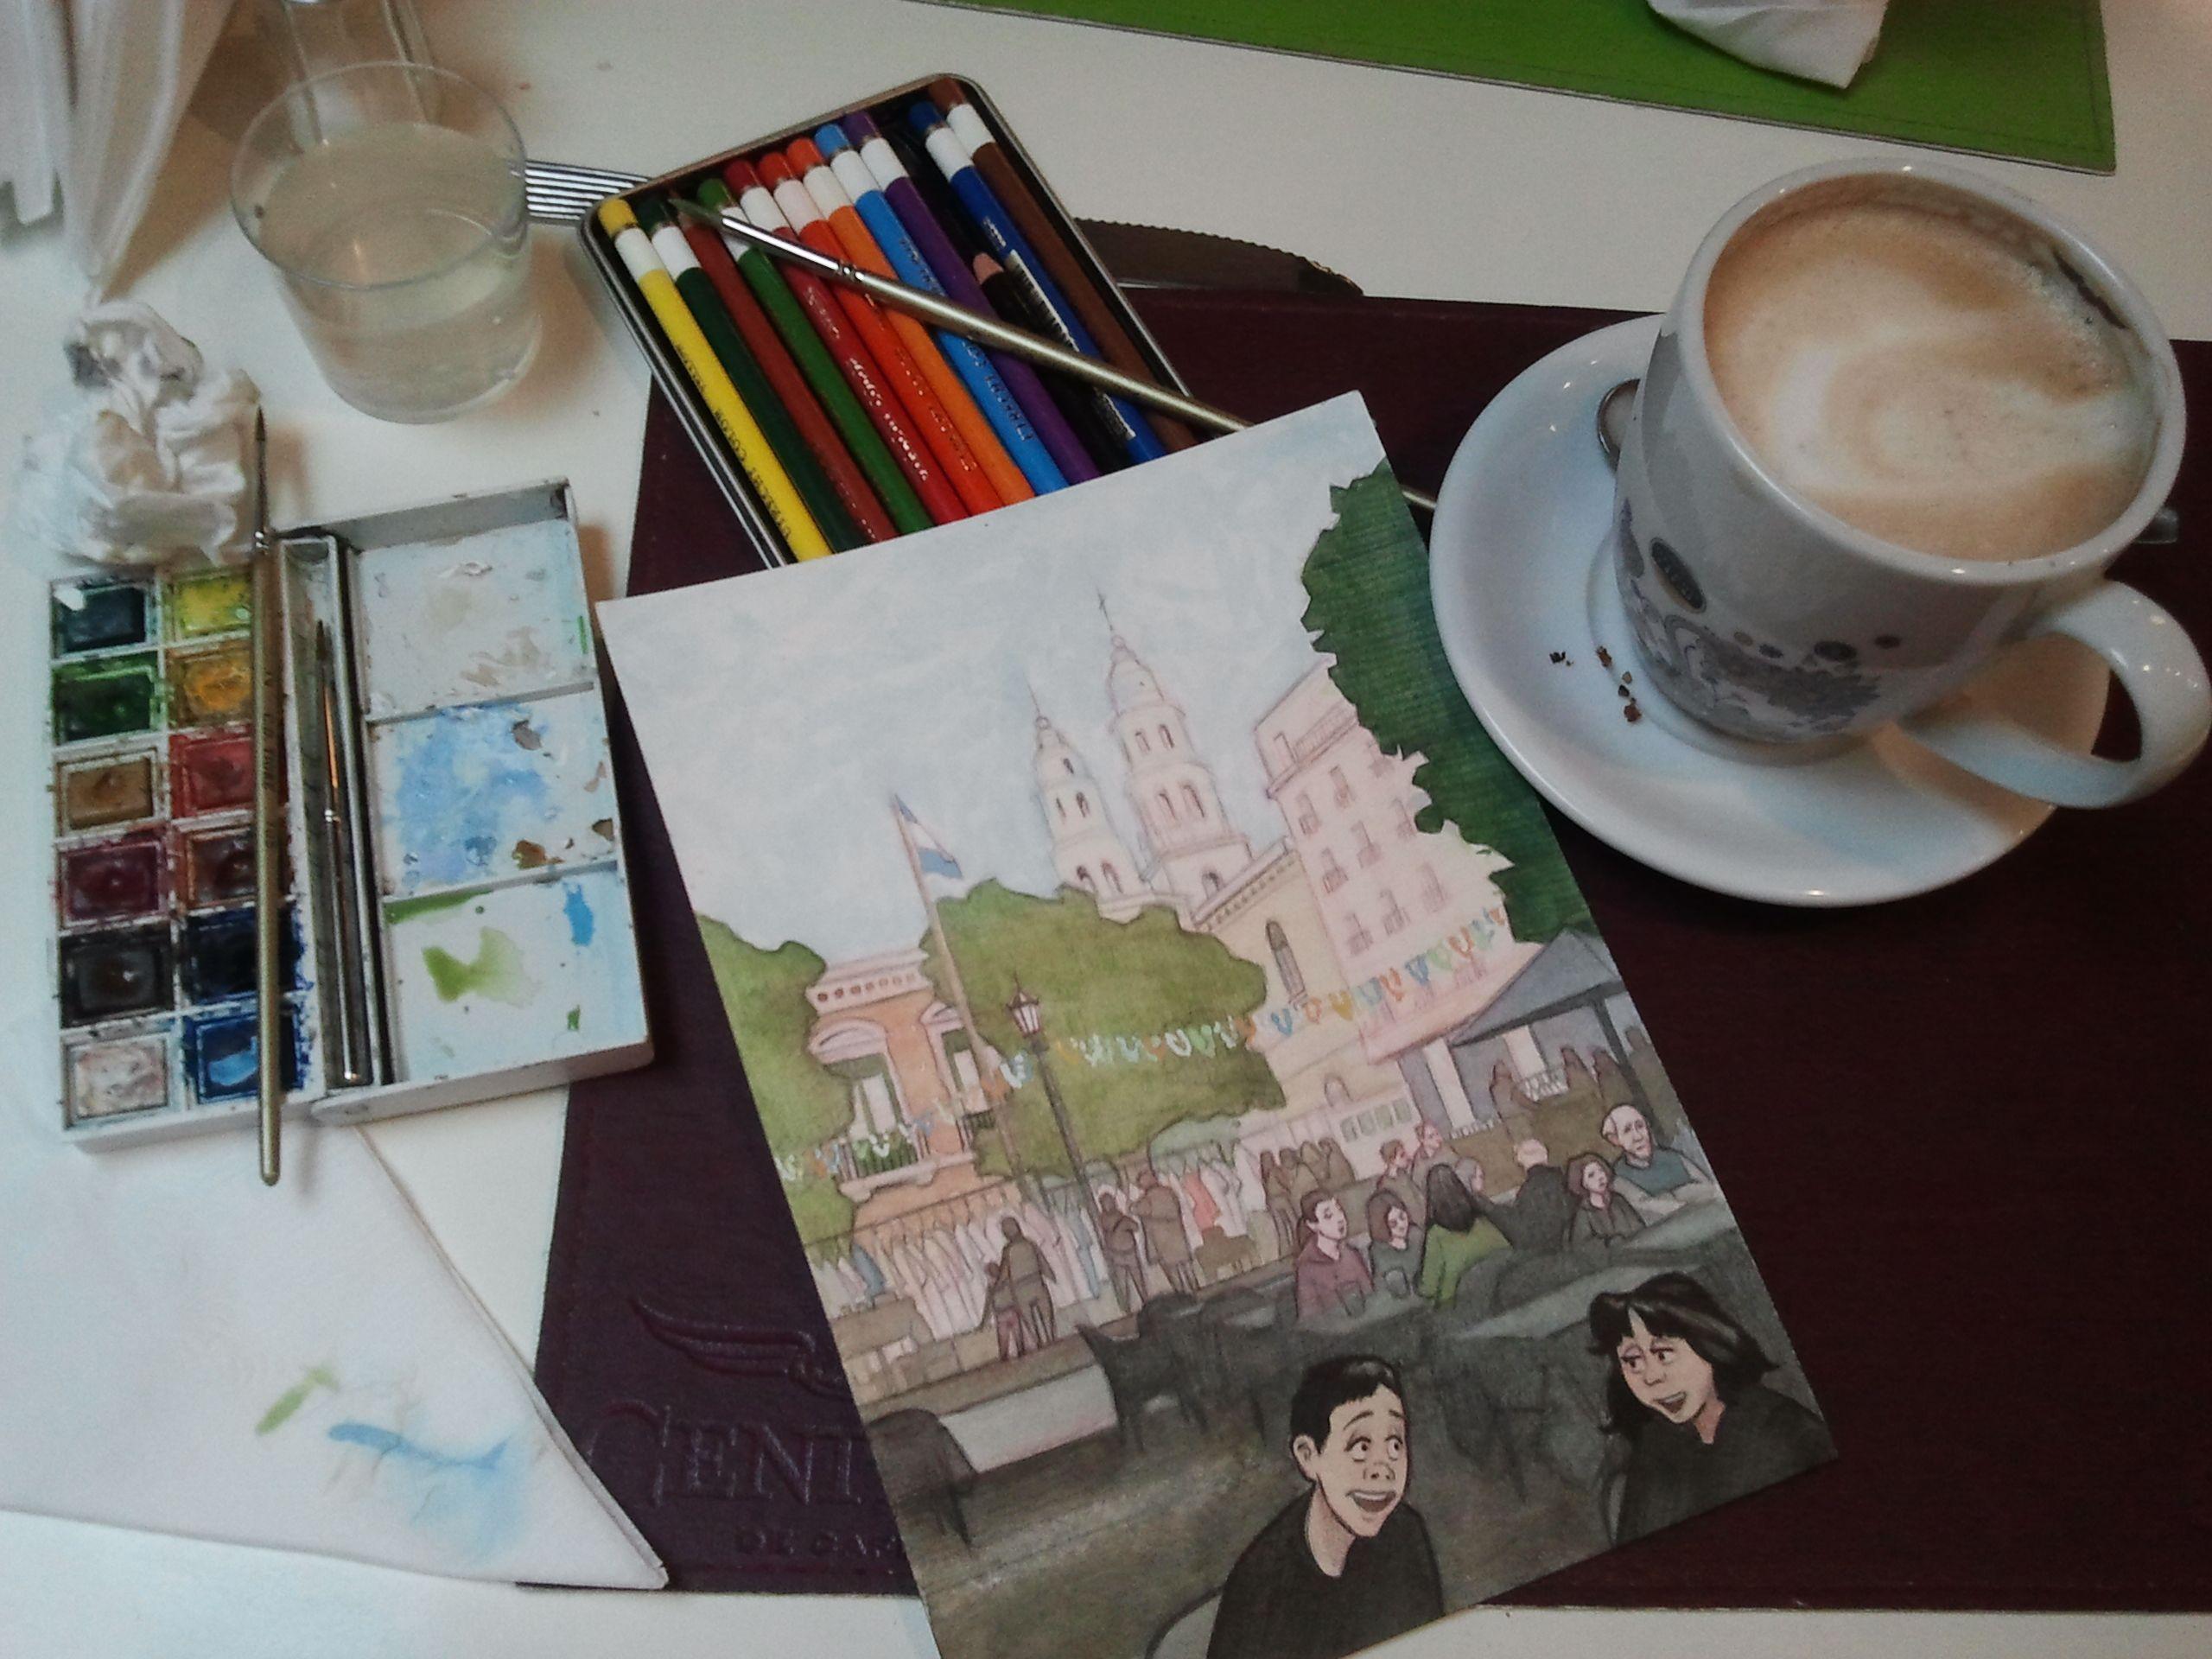 Cafe, Buenos Aires Tea house, Creative, Art pieces